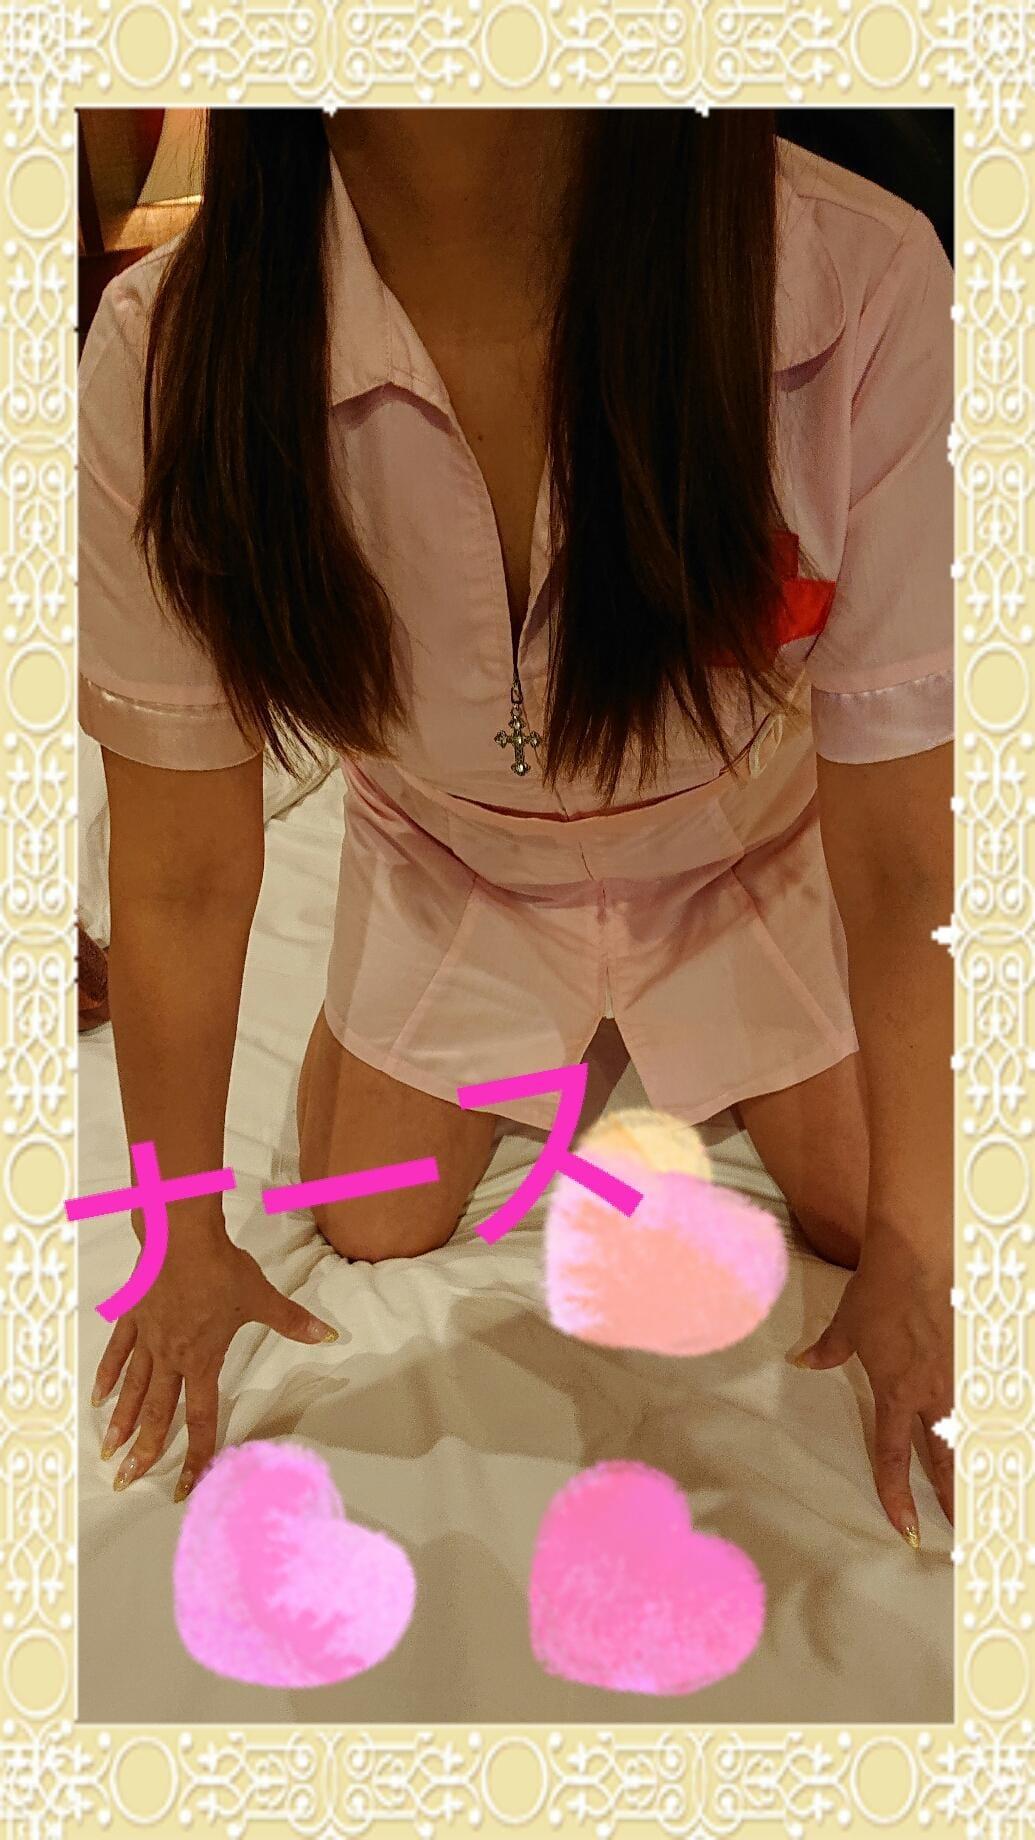 「憧れの・・・」08/31(08/31) 16:15 | 小倉の写メ・風俗動画